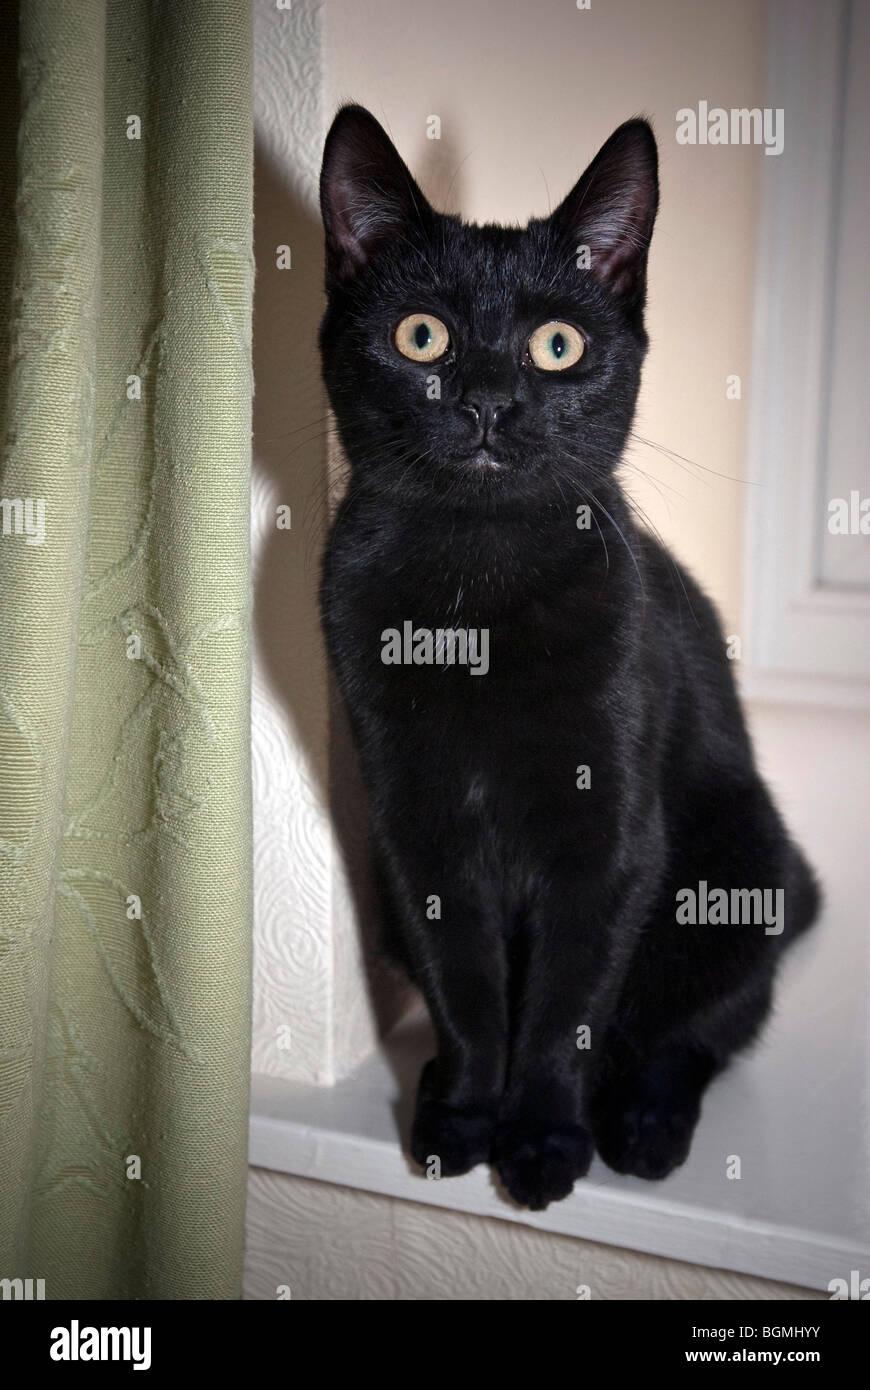 Schwarze Katze in Katze iglu Stockfotografie Alamy